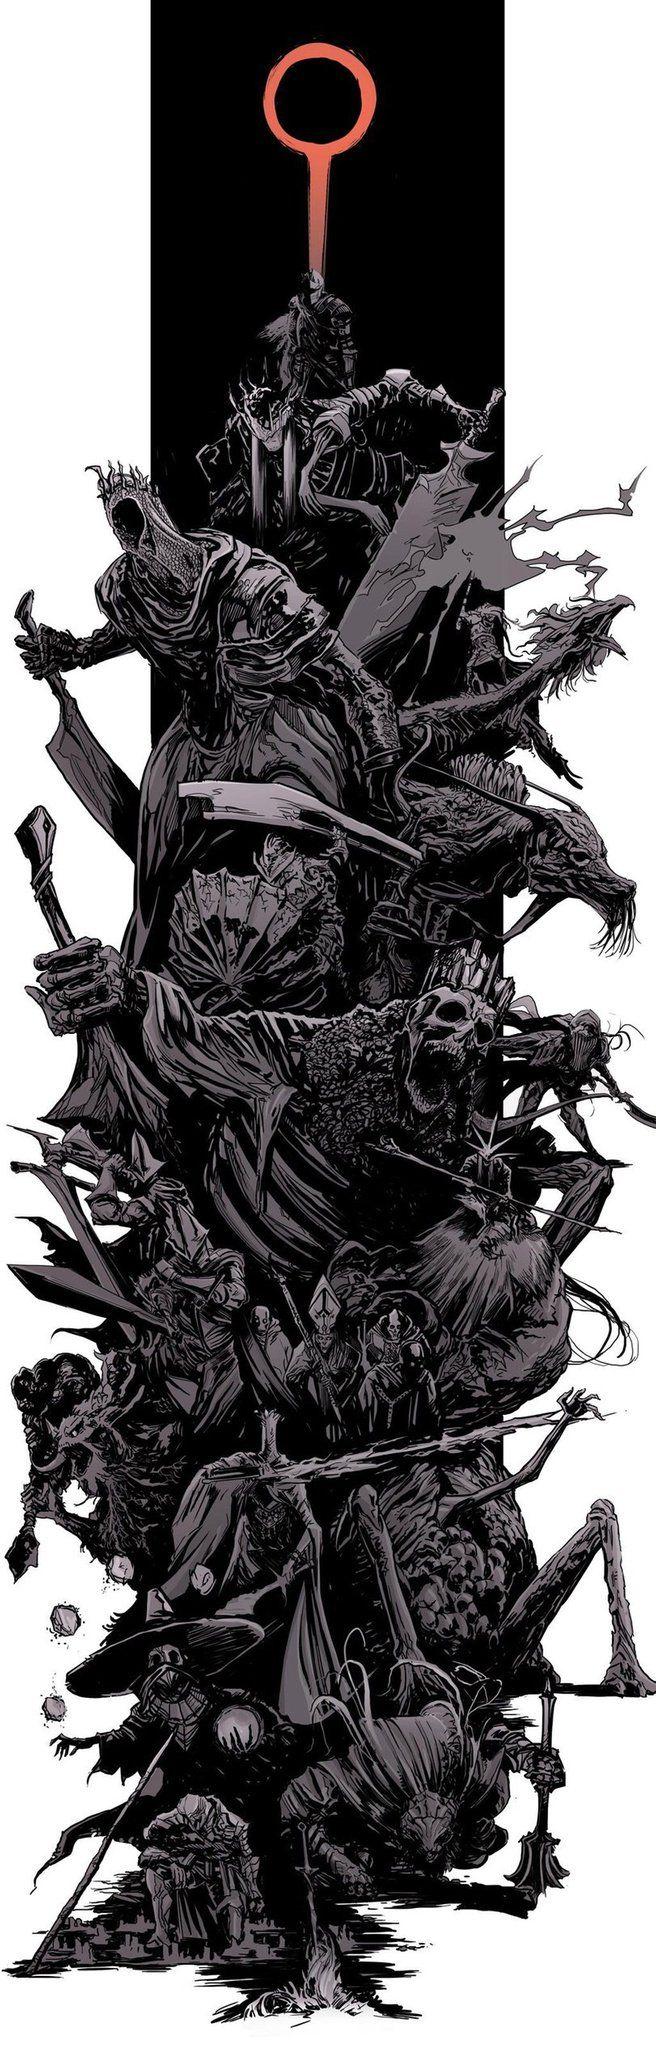 Dark Souls bosses splash art http://ift.tt/2eieIhP